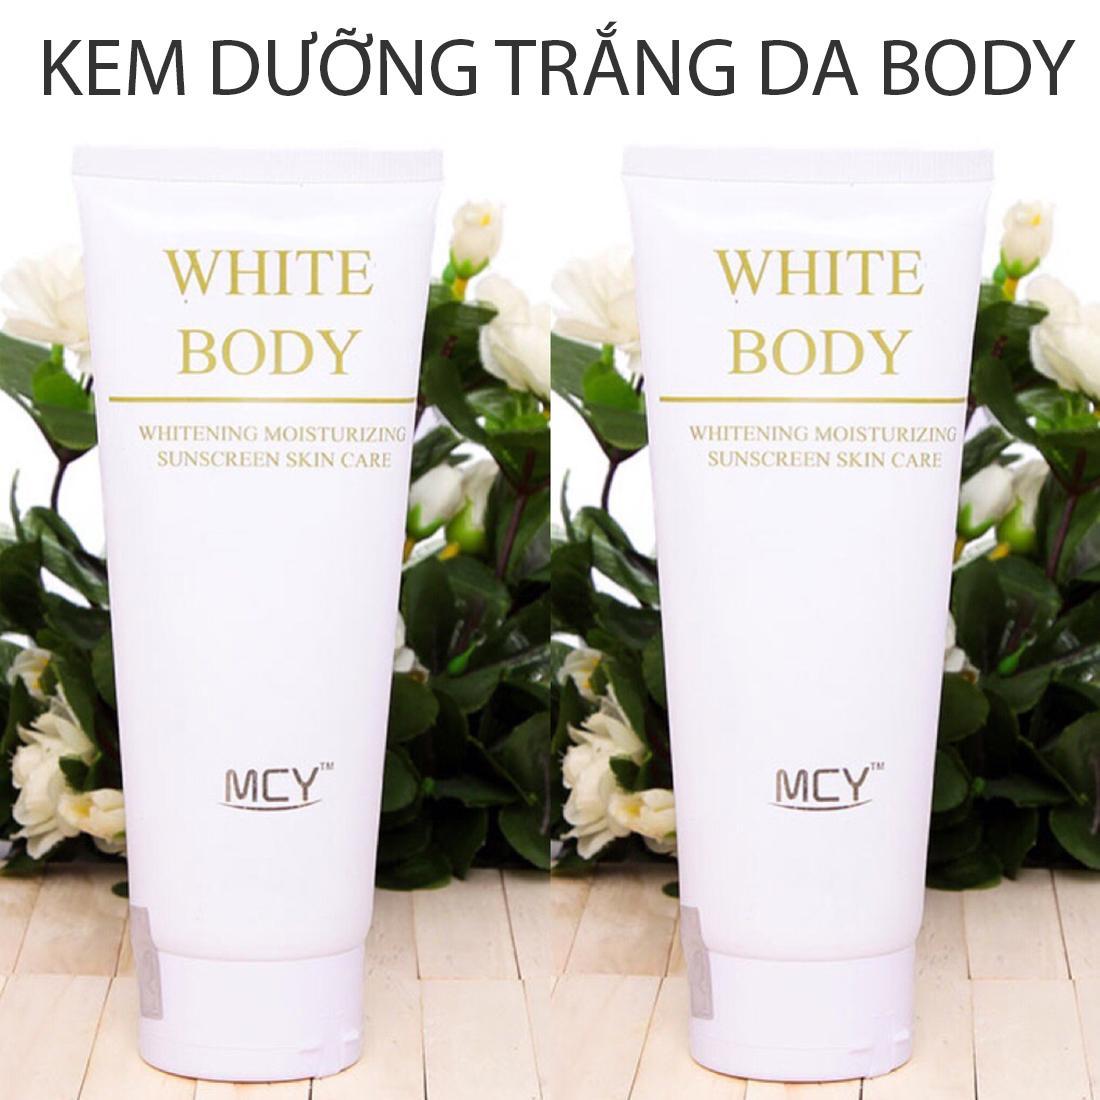 KEM DƯỠNG THỂ WHITE BODY MCY 200ml - DƯỠNG TRẮNG DA TOÀN THÂN, BODY